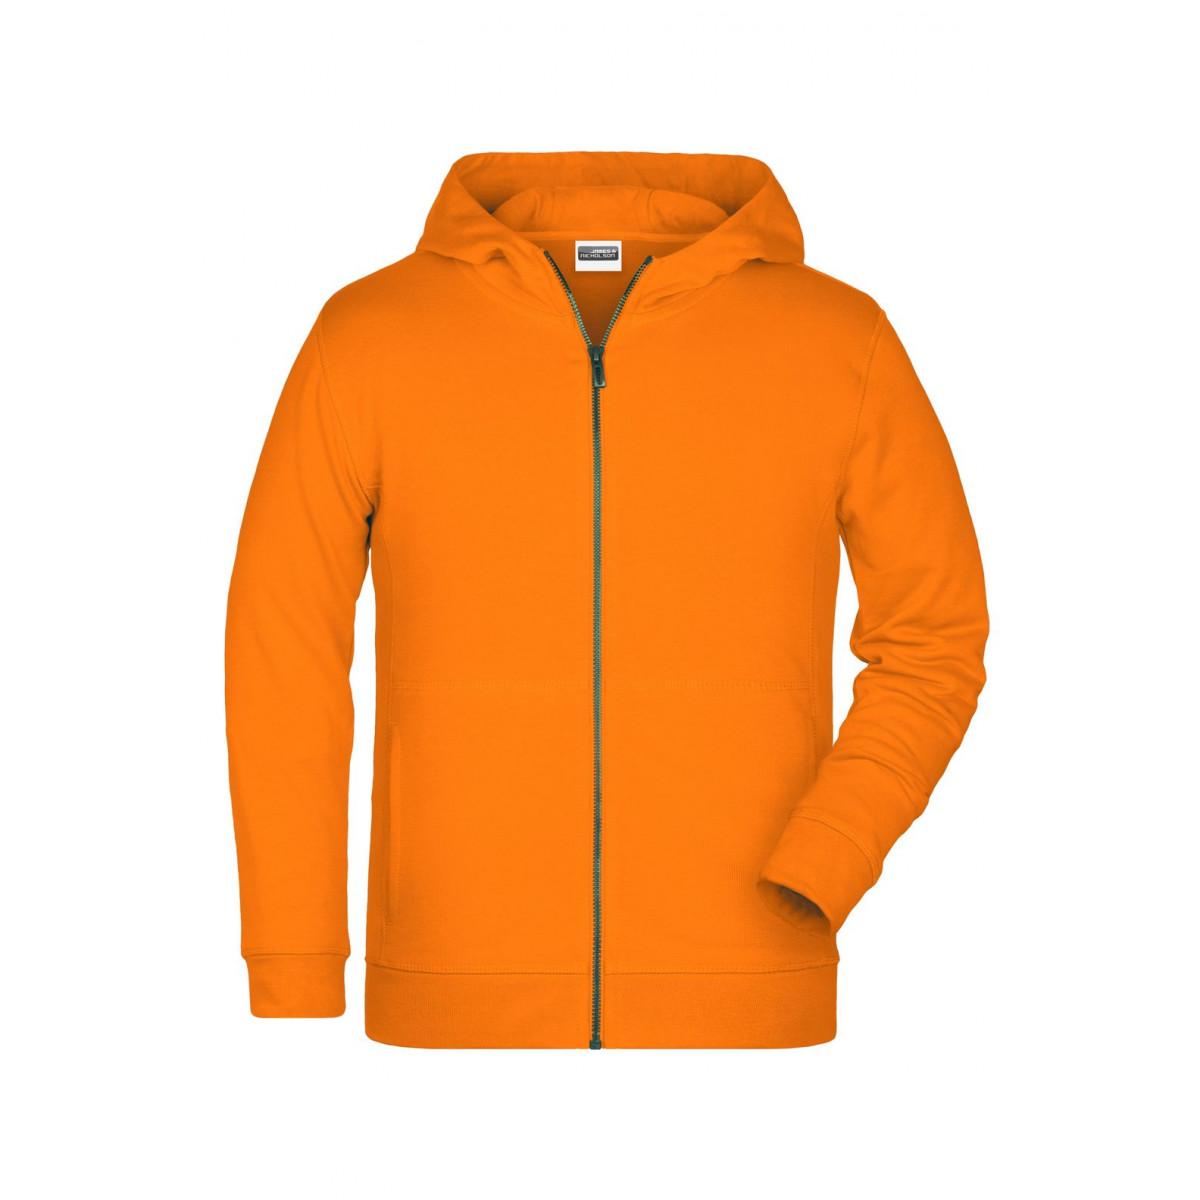 Толстовка детская 8026K Childrens Zip Hoody - Оранжевый